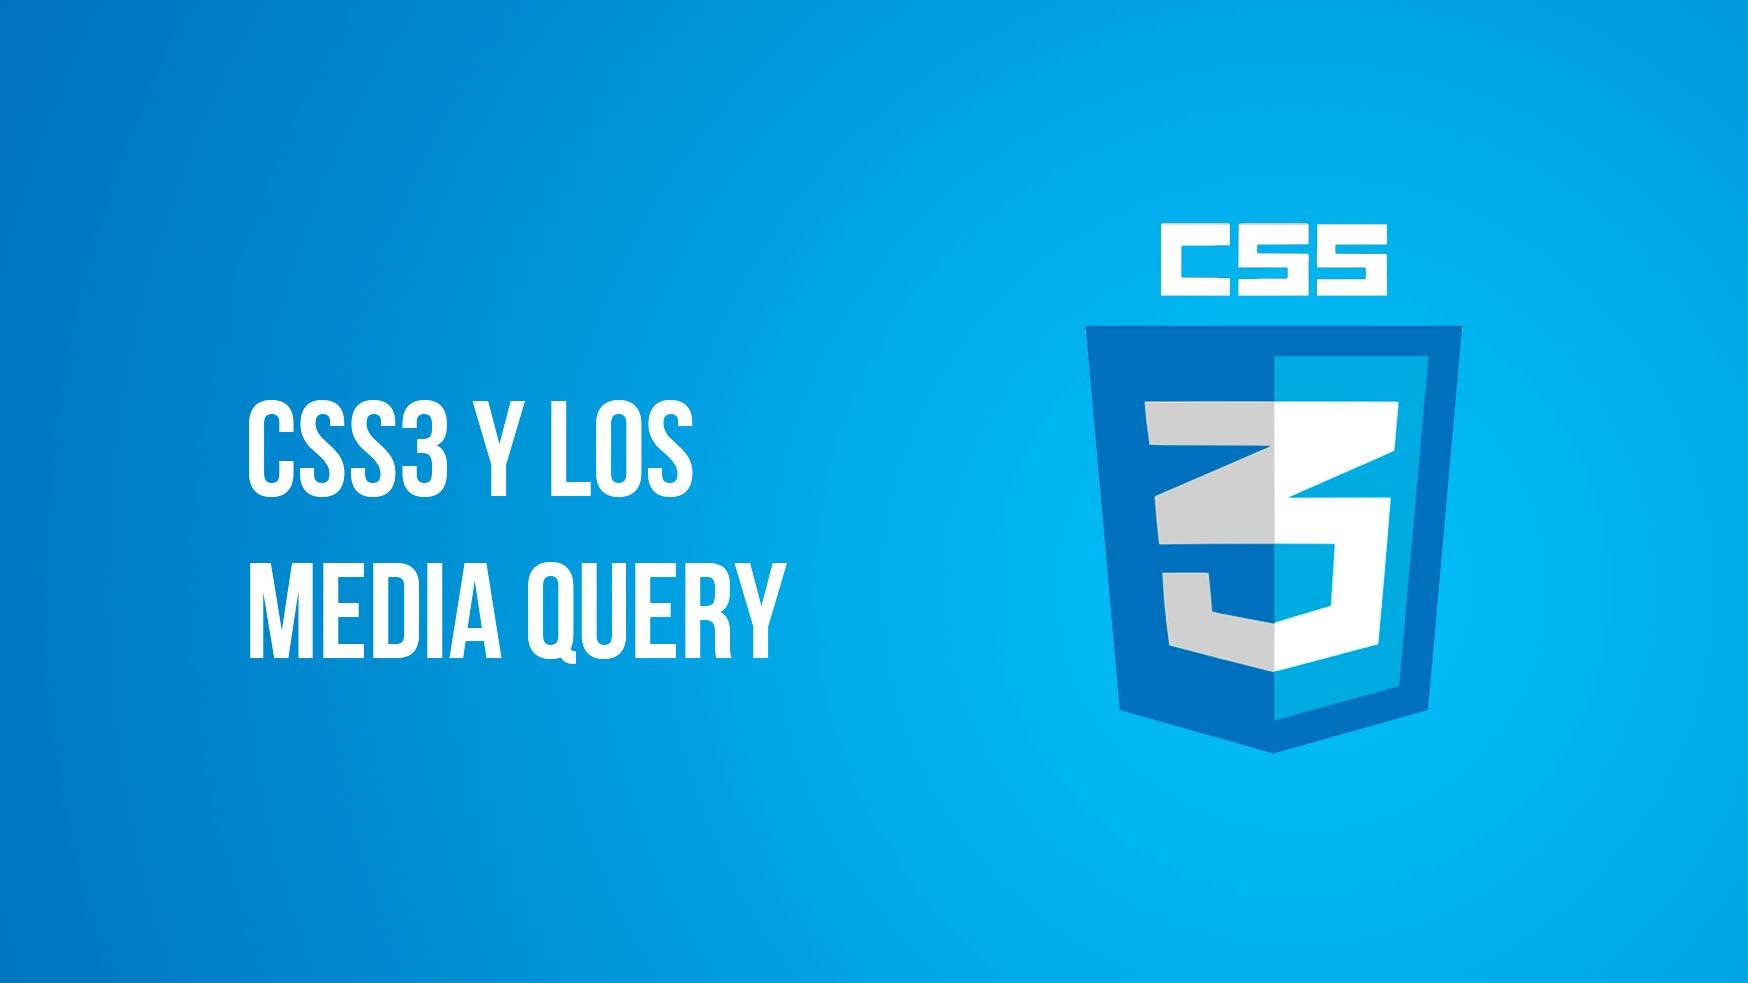 CSS3 para dispositivos móviles